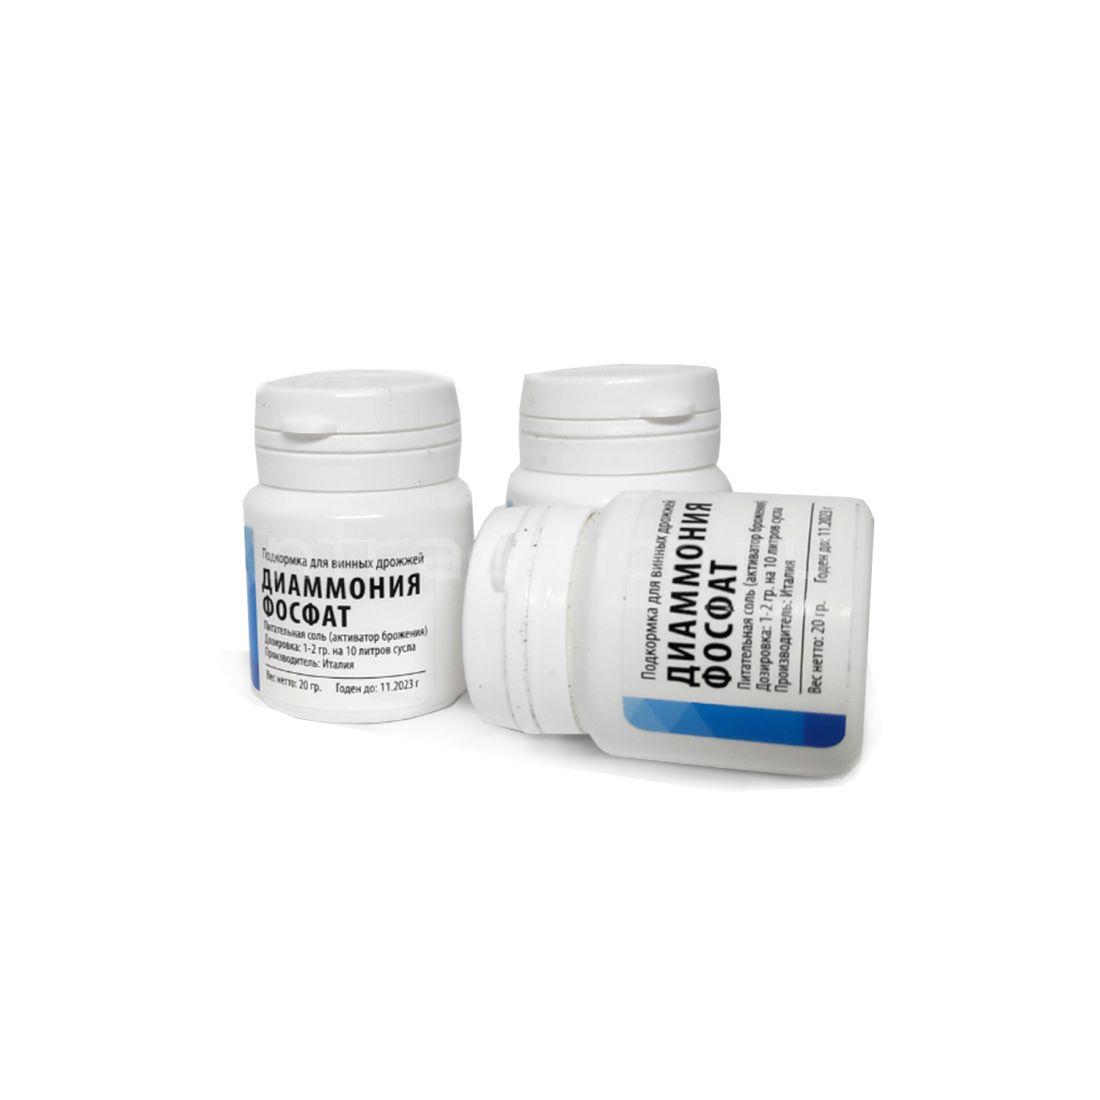 Гидрофосфат аммония, 20 гр (подкормка для винных дрожжей)